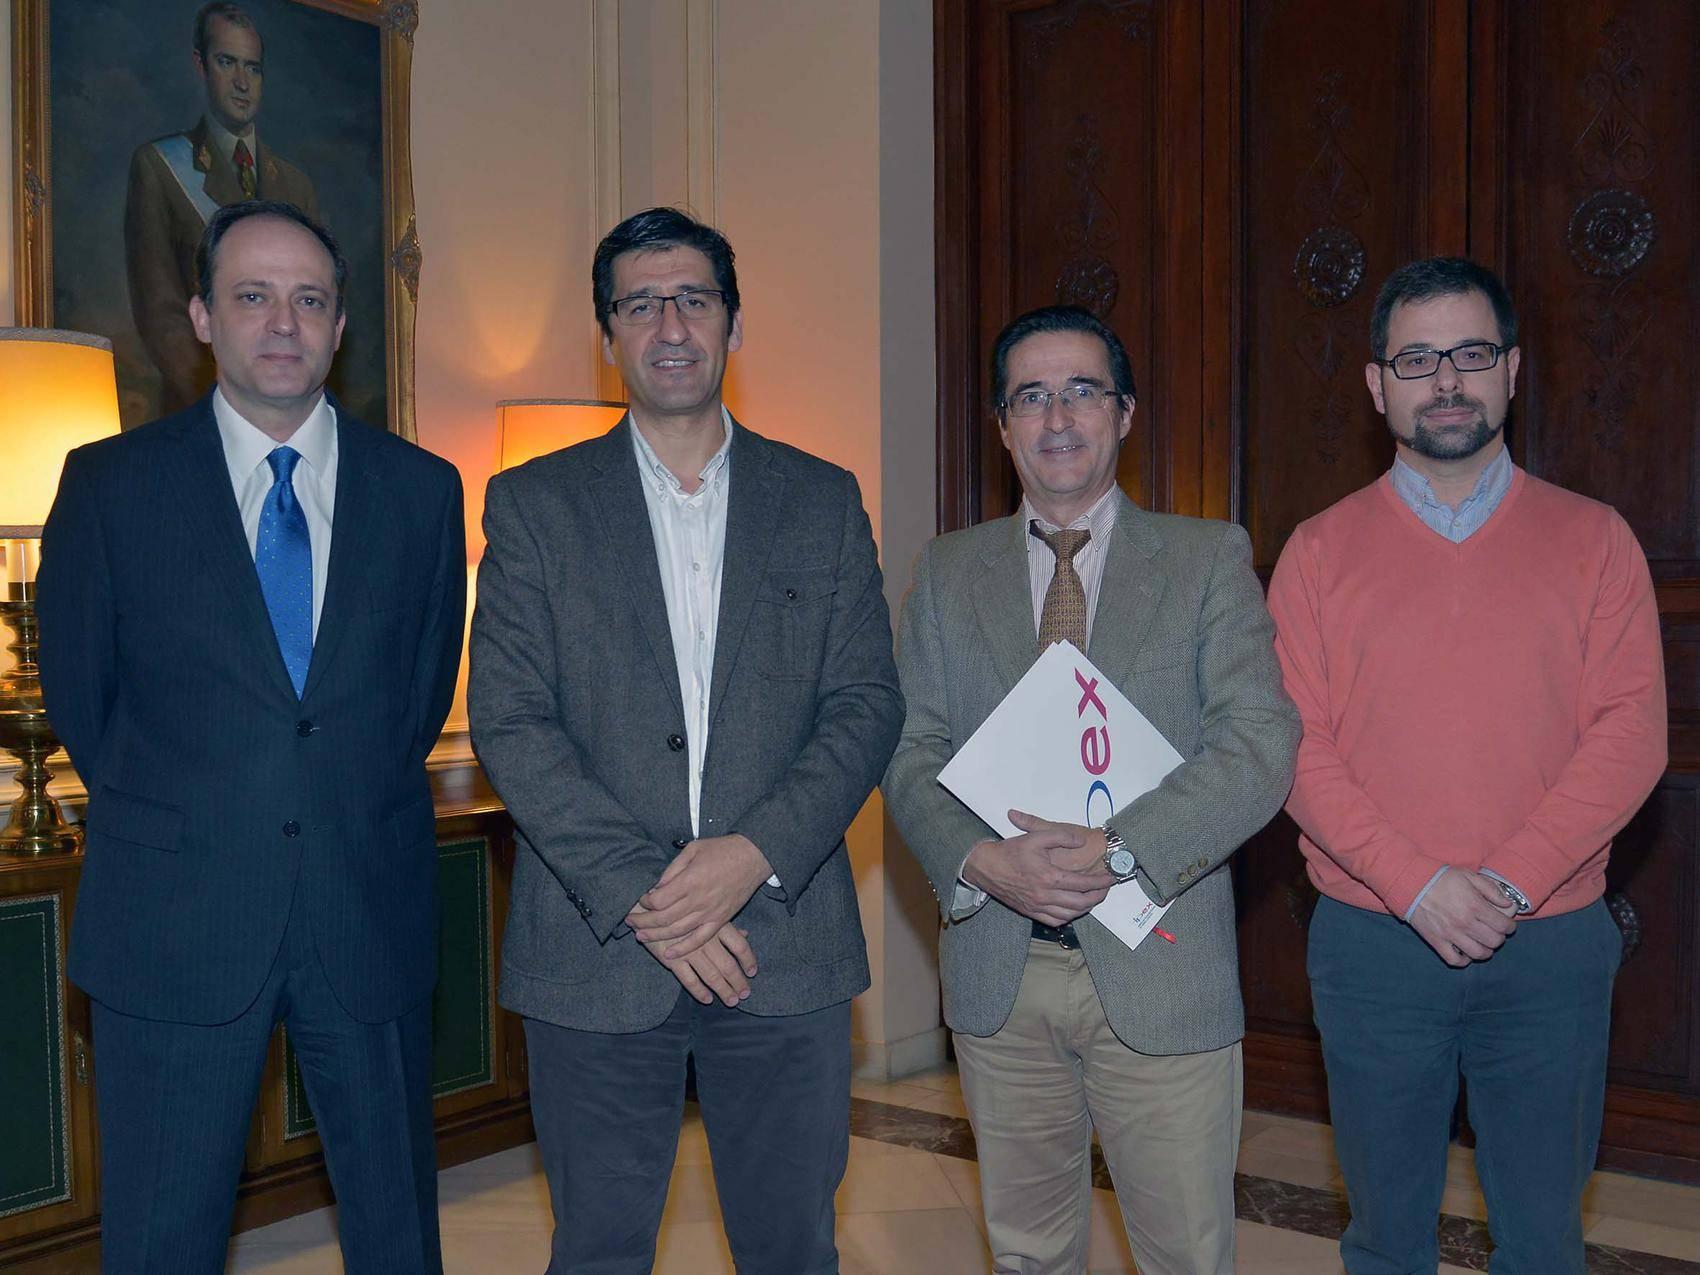 firma para acoger feria imex - Ciudad Real acogerá la Feria Internacional y Comercio Exterior IMEX